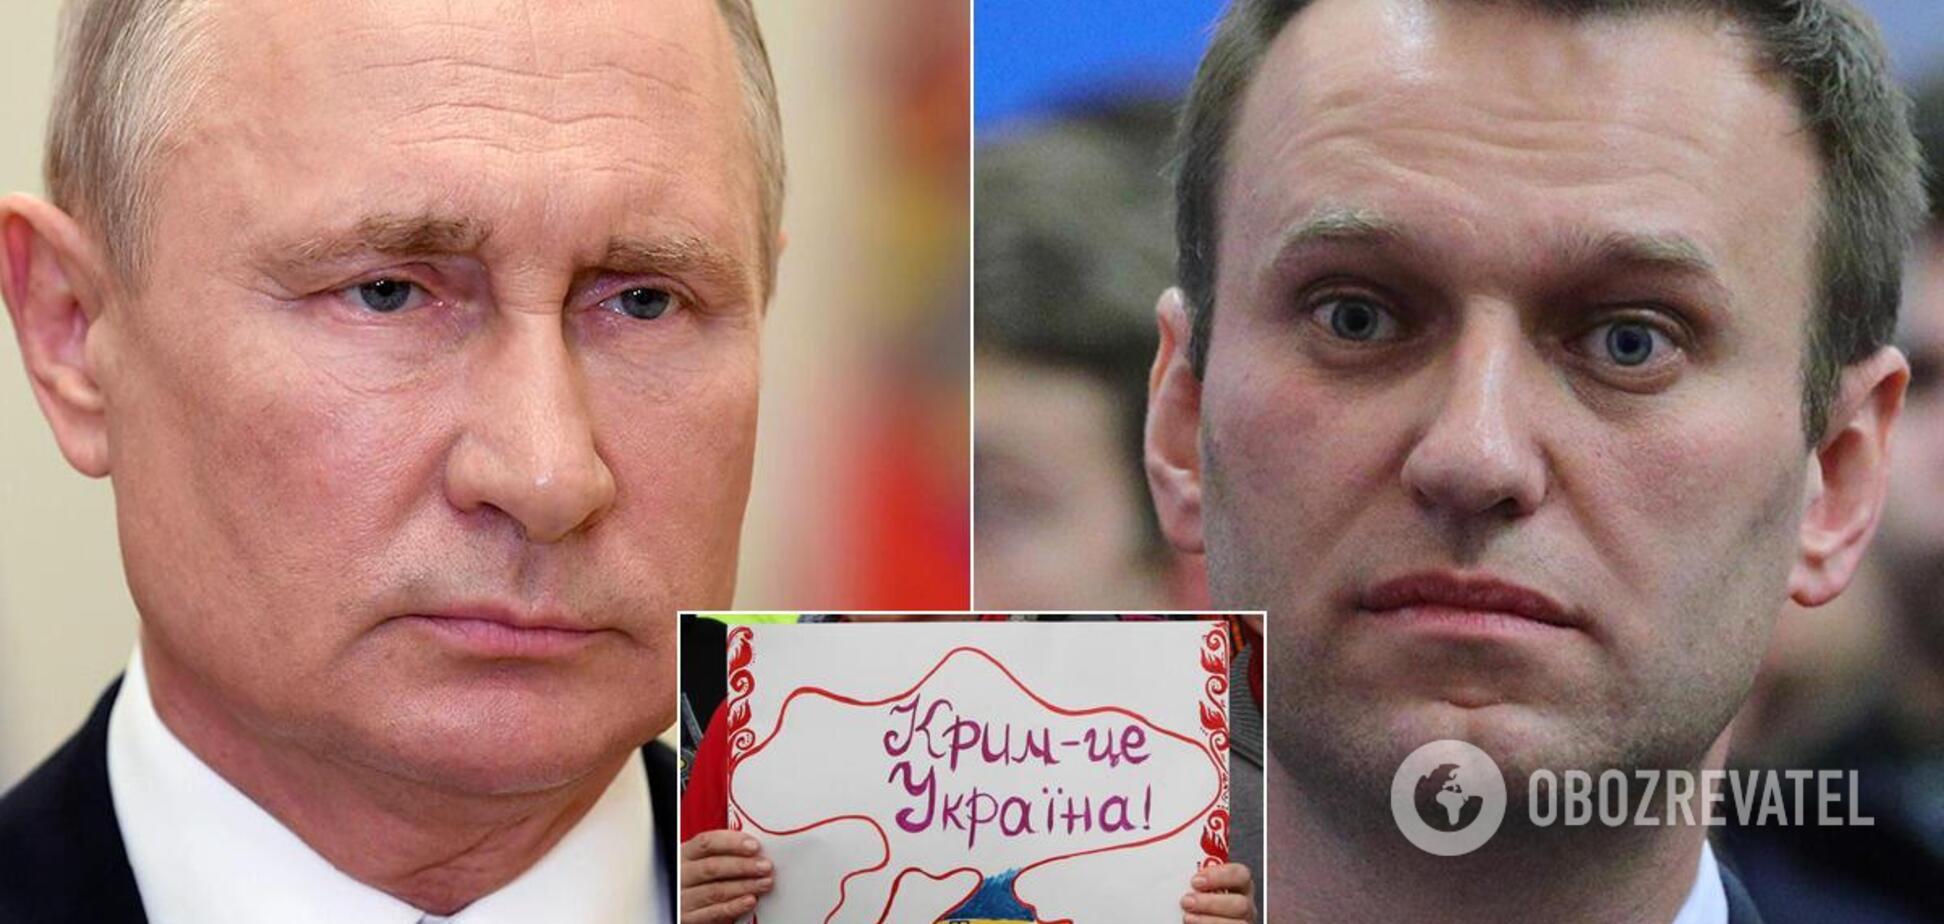 Владимир Путин и Алексей Навальный одинаково относятся к вопросу Крыма